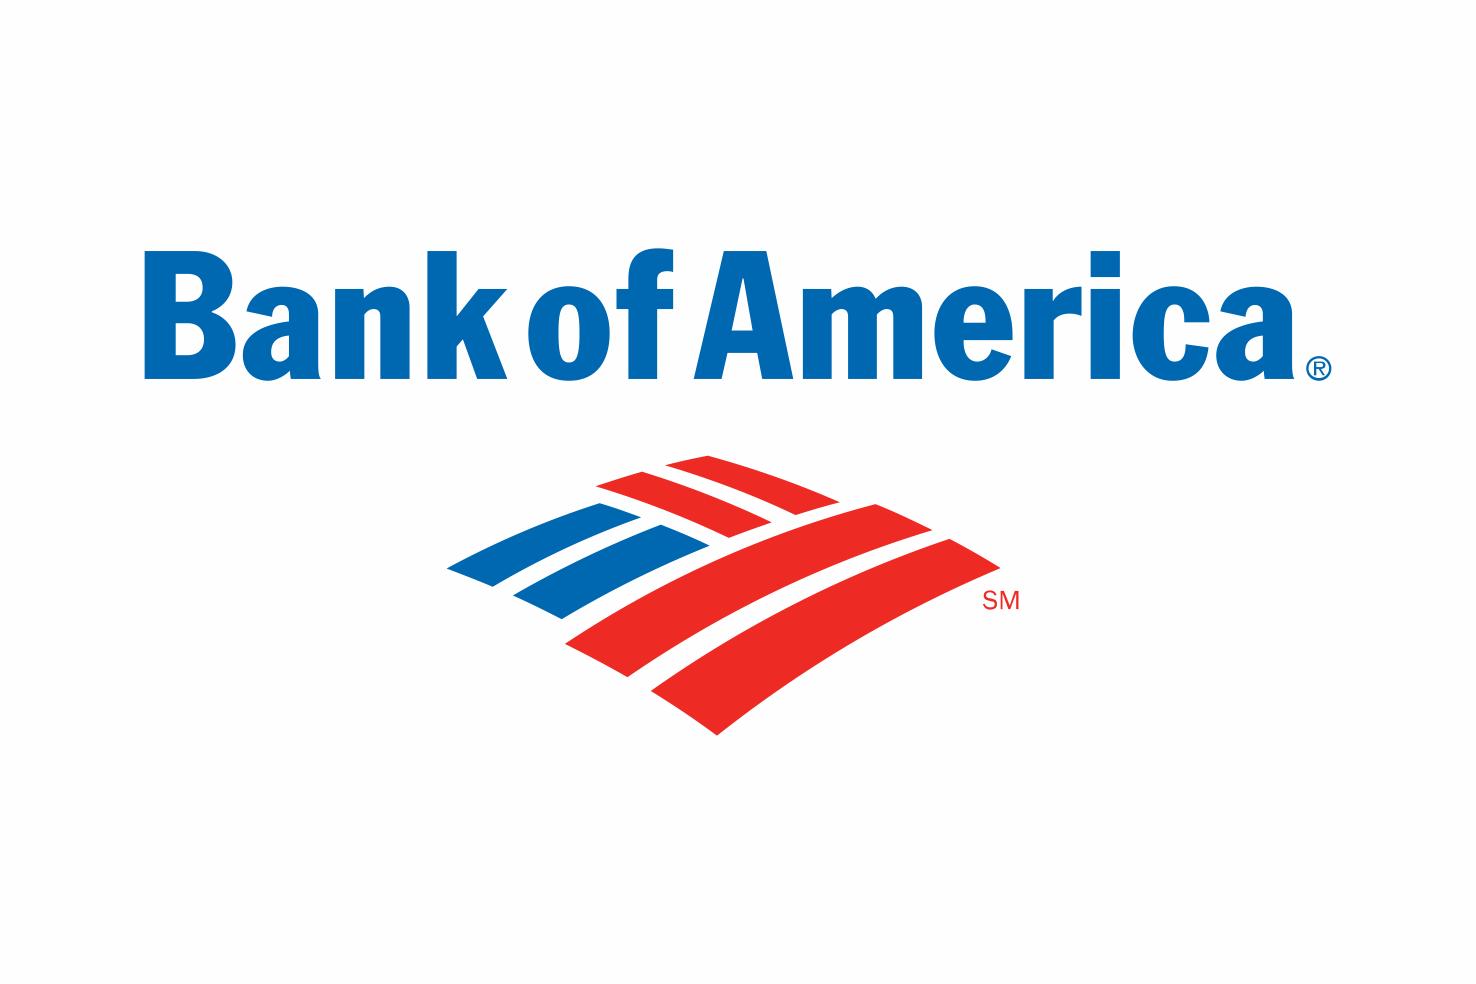 Bank of America telefono servicio al cliente